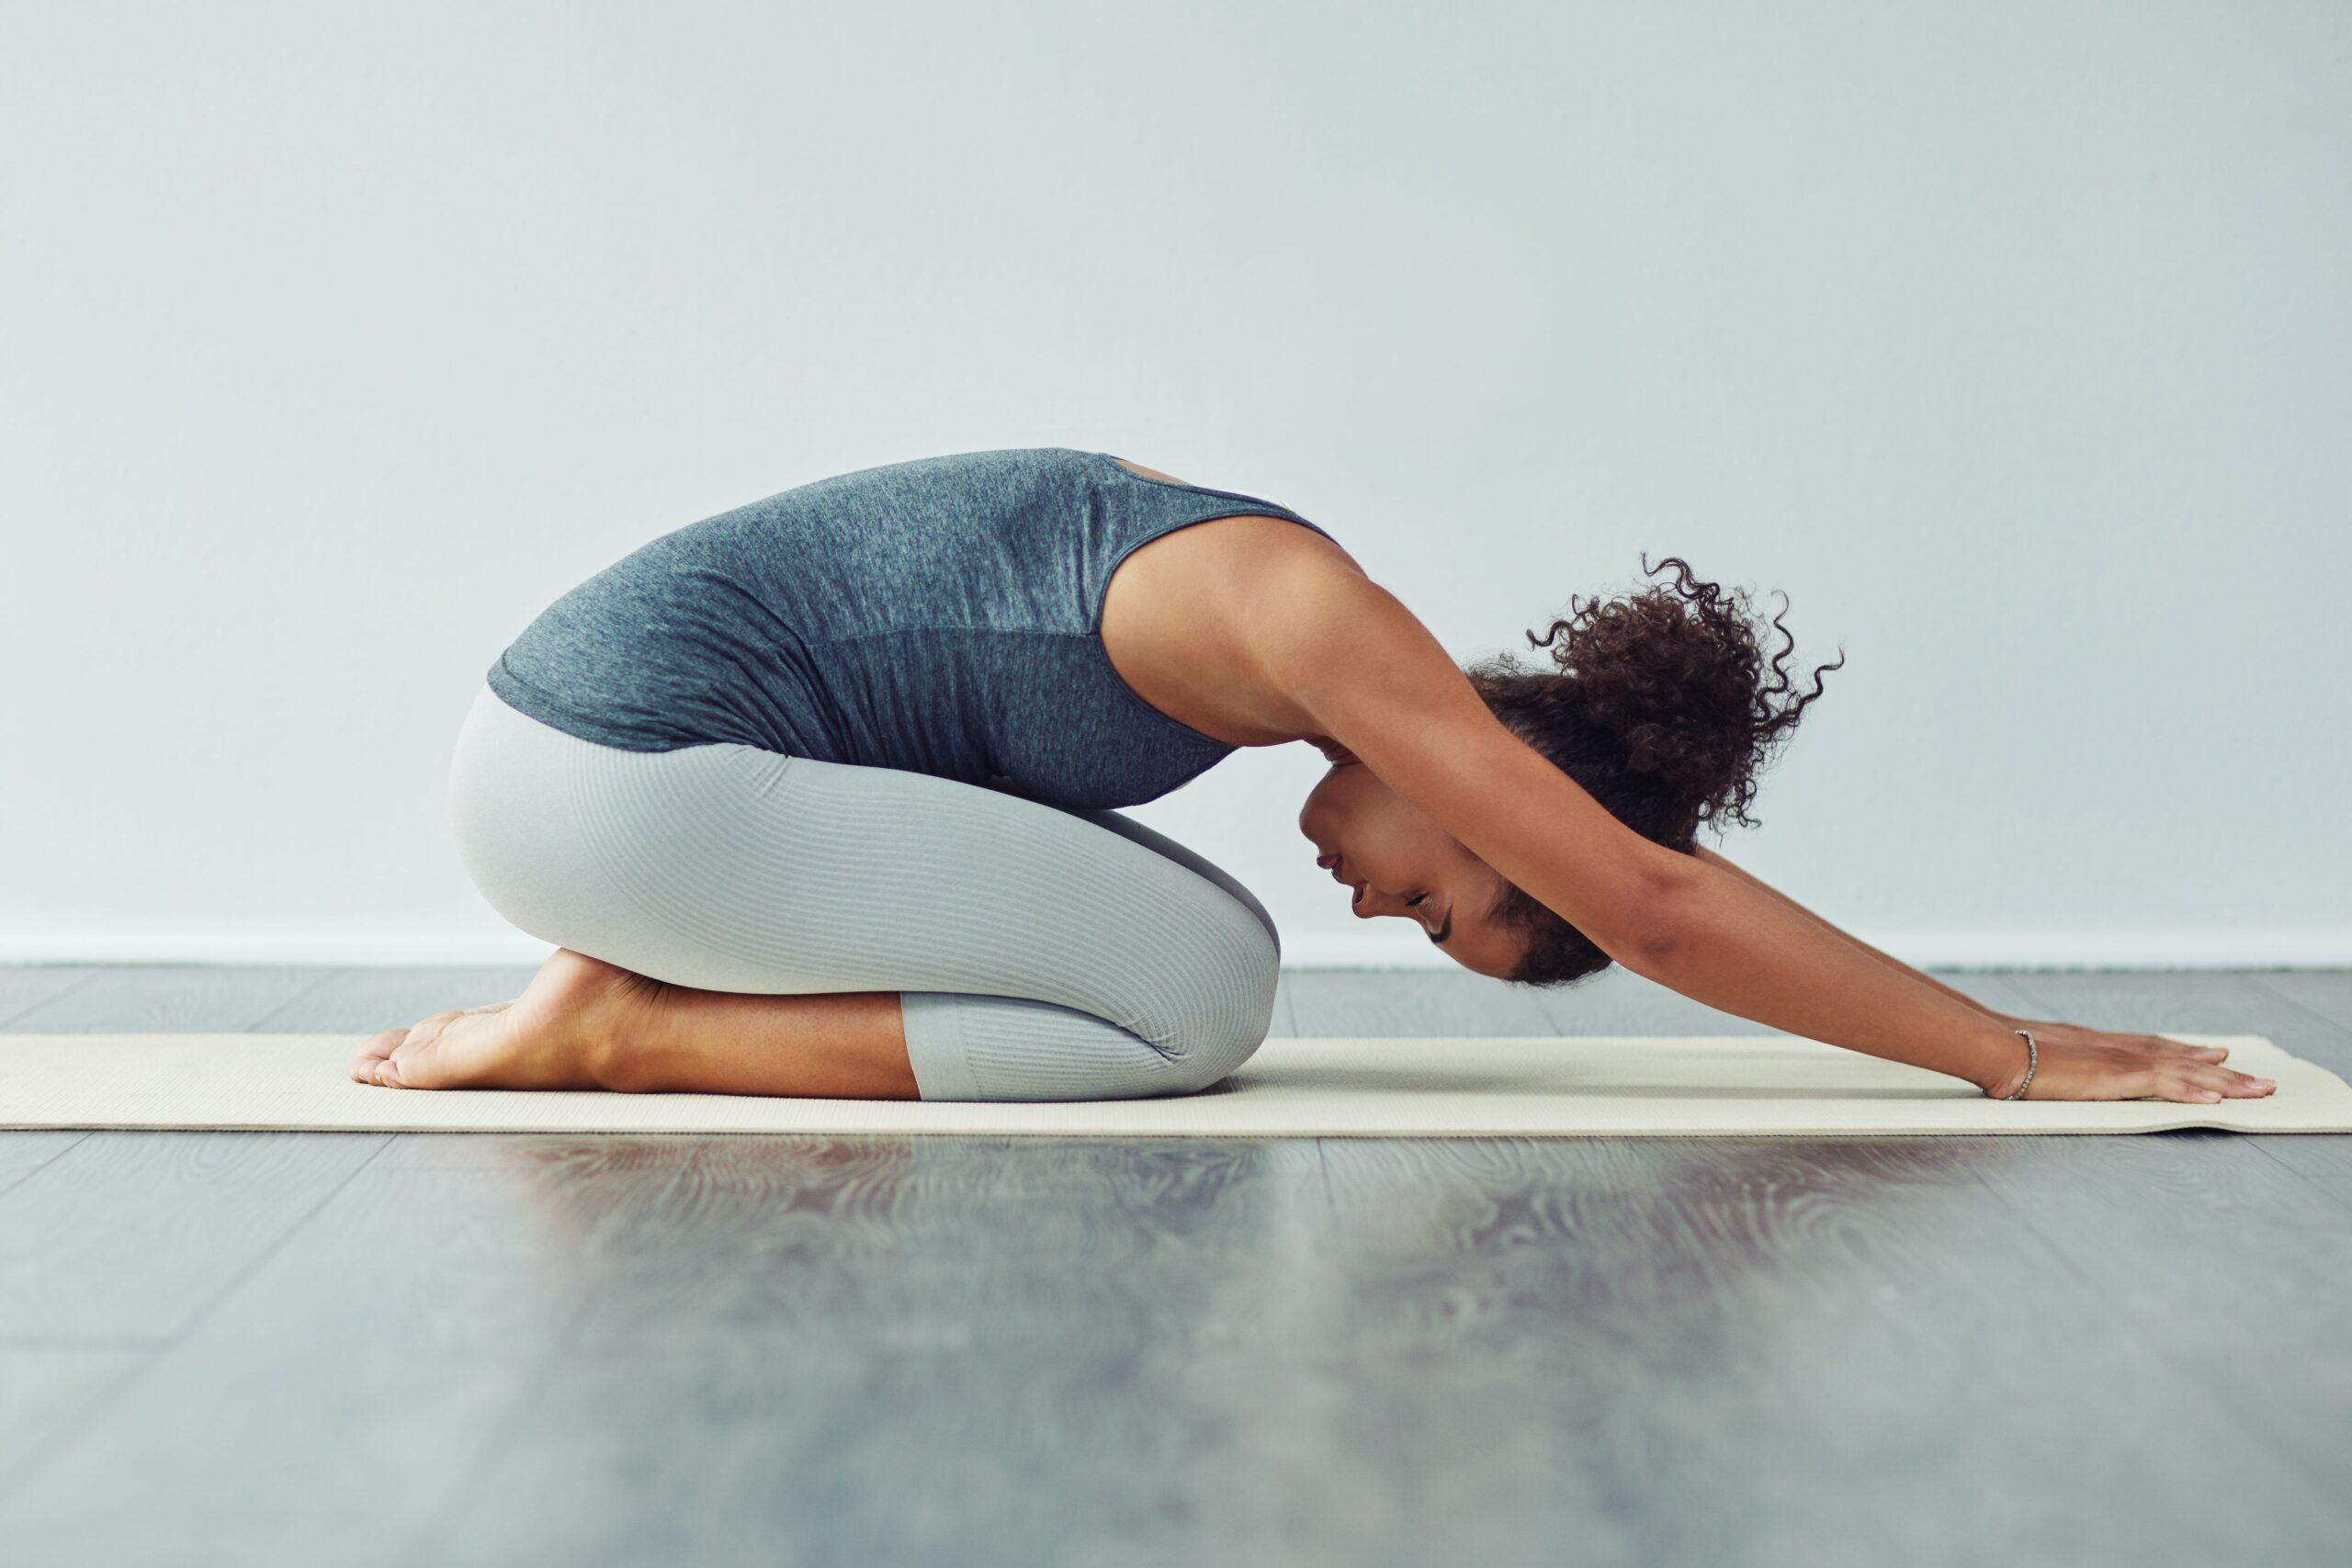 تمارين إطالة تساعد في تقوية ظهرك